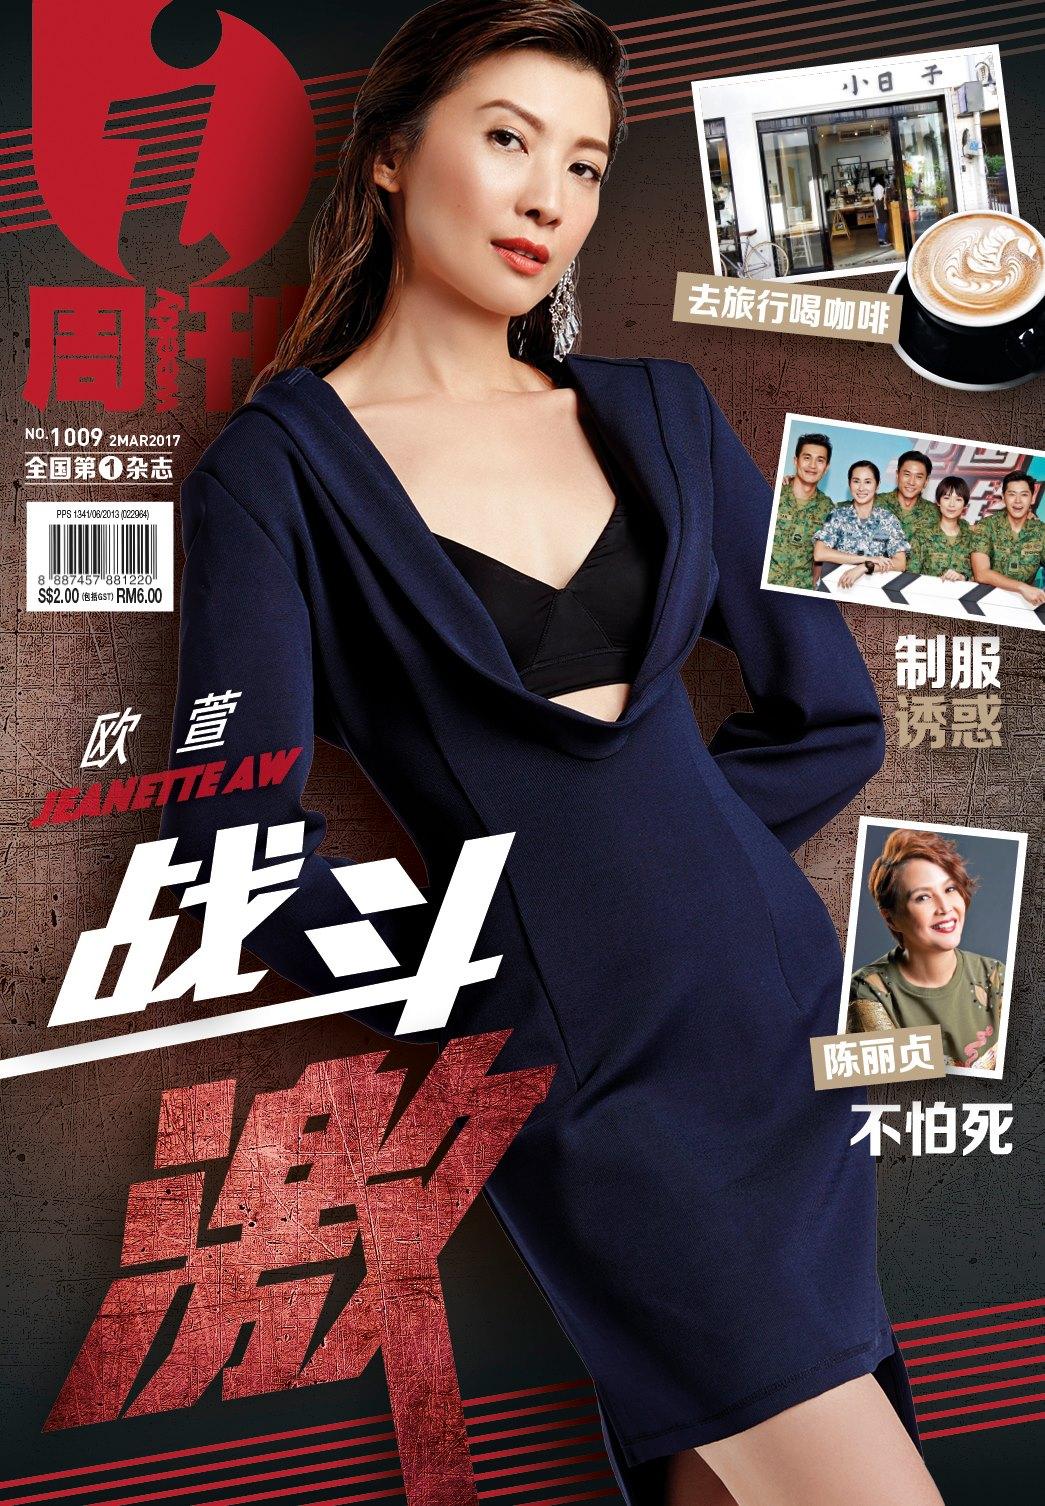 I-Weekly – Feb 2017